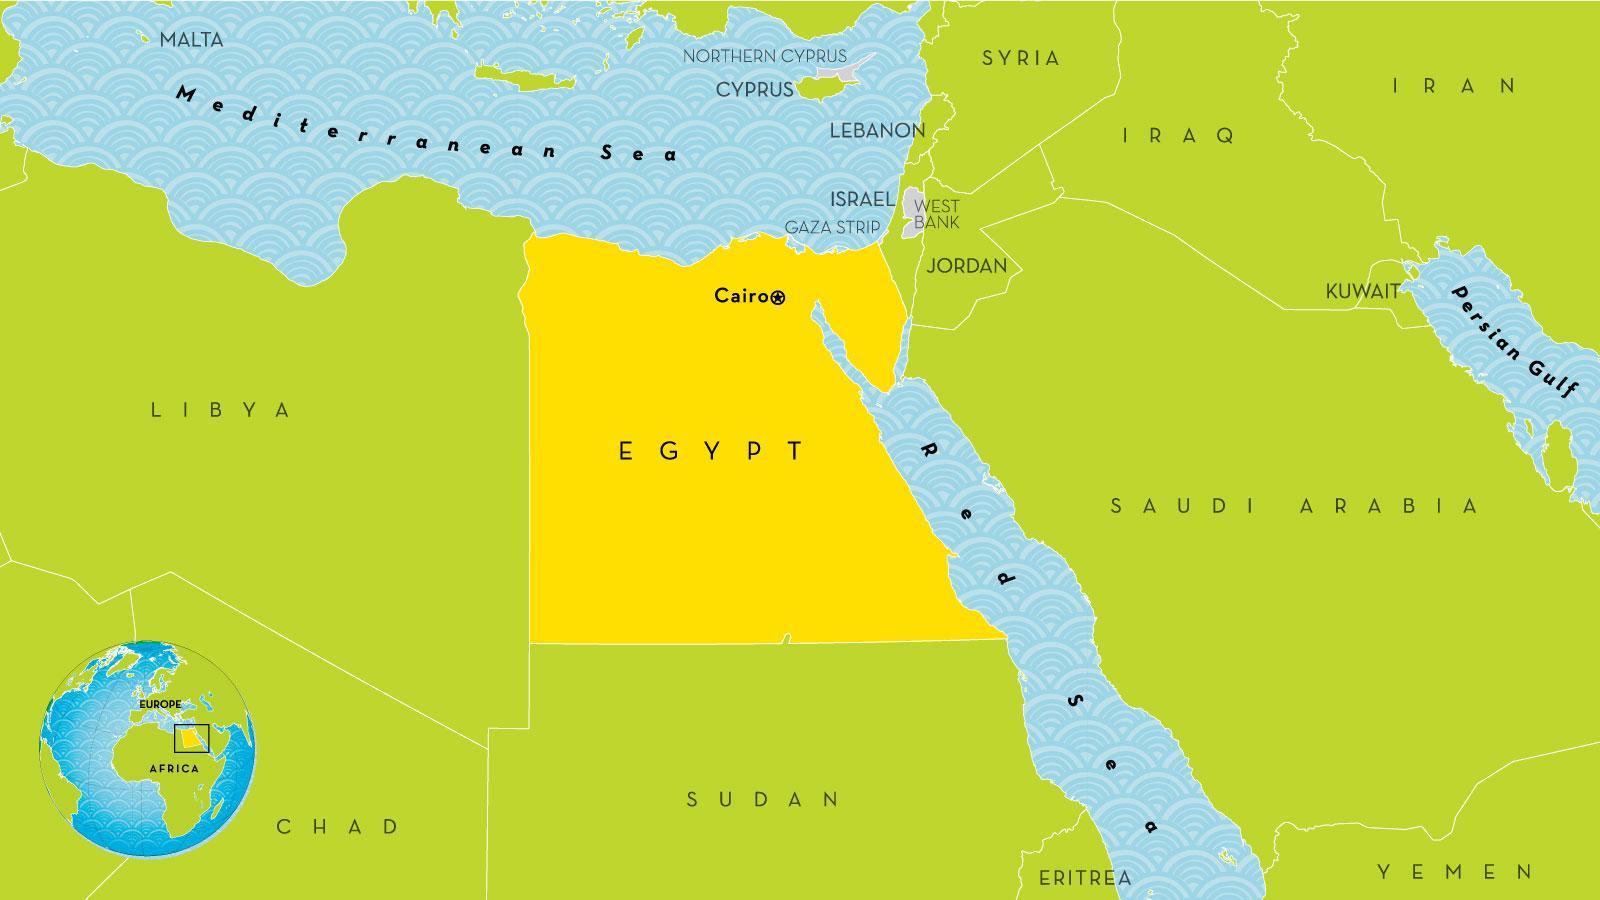 Cartina Egitto In Italiano.Capitale Dell Egitto Mappa Citta Capitale Dell Egitto Mappa Egitto